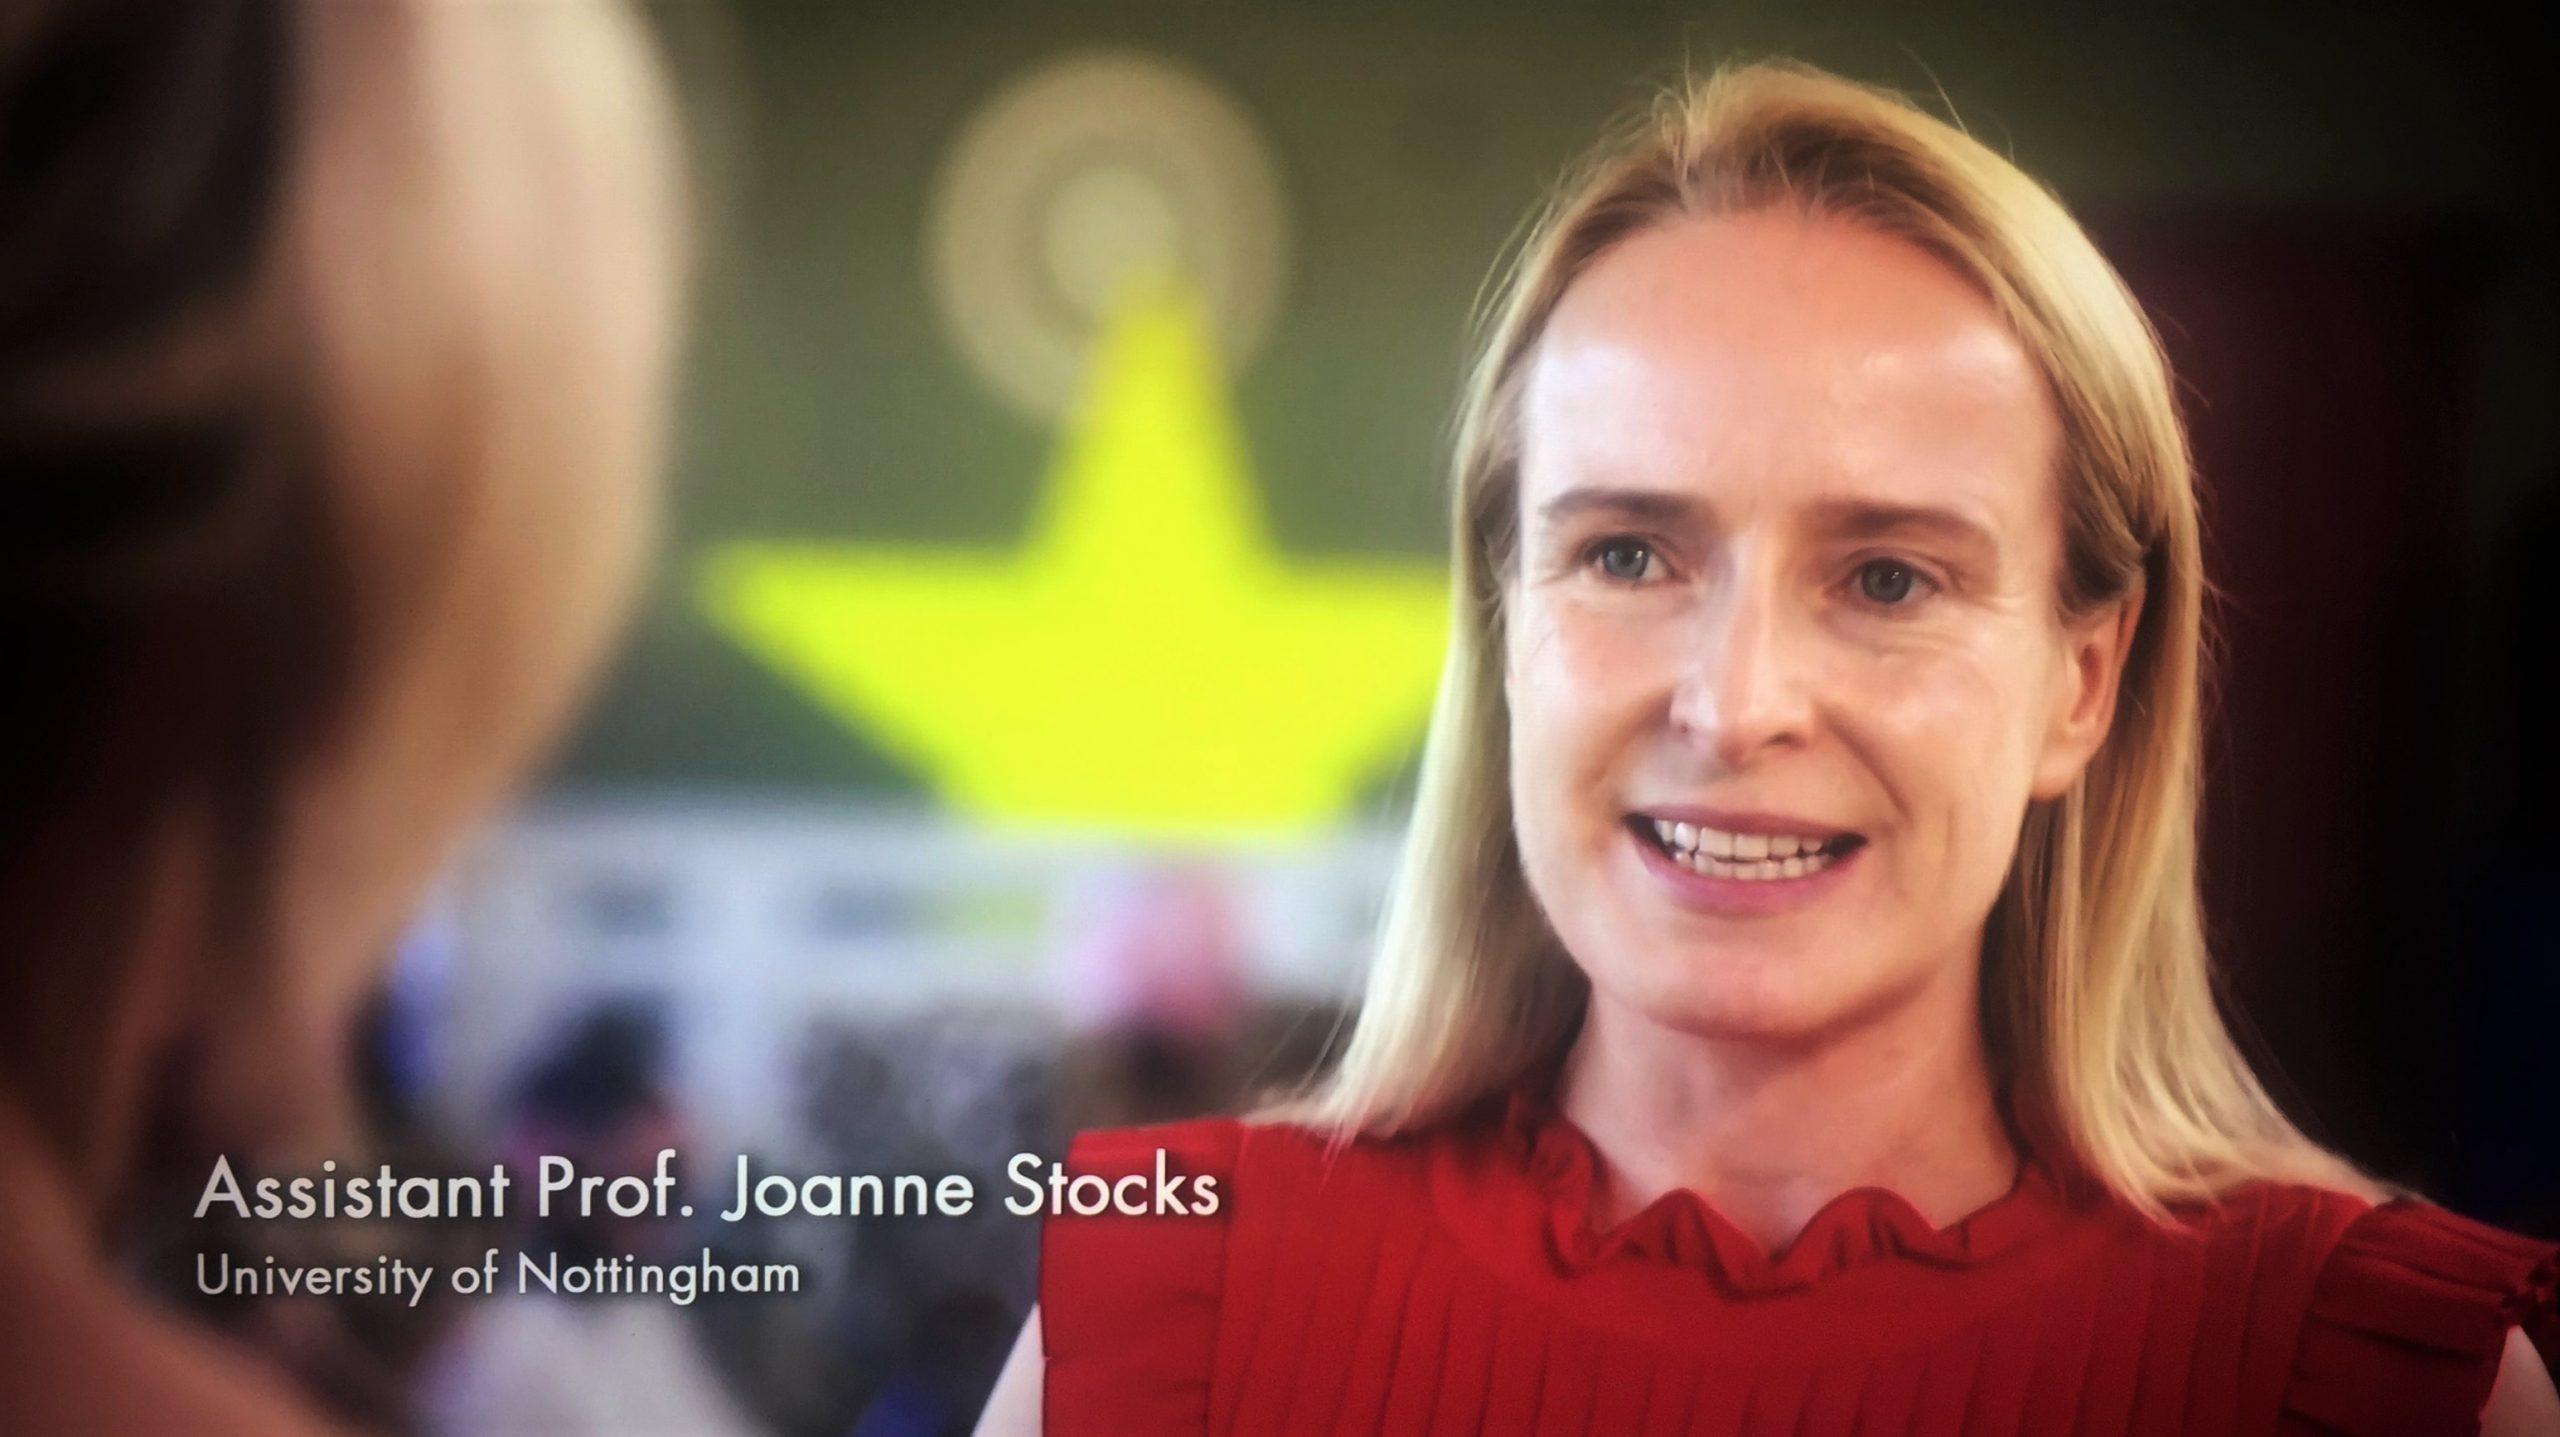 Assistant Professor, Dr Joanne Stocks from University of Nottingham